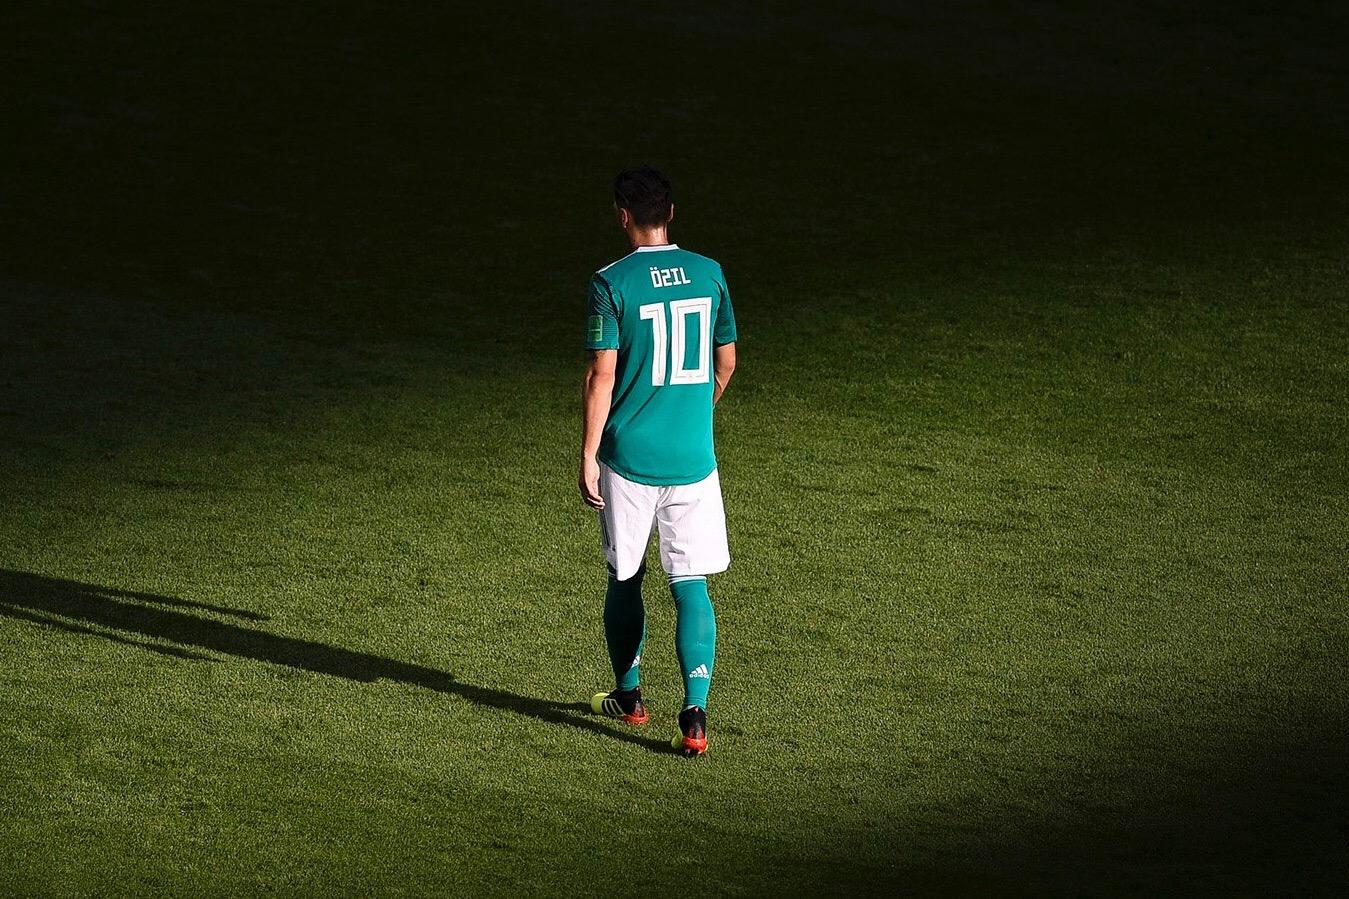 Месут Озил завершил карьеру в сборной Германии - фото